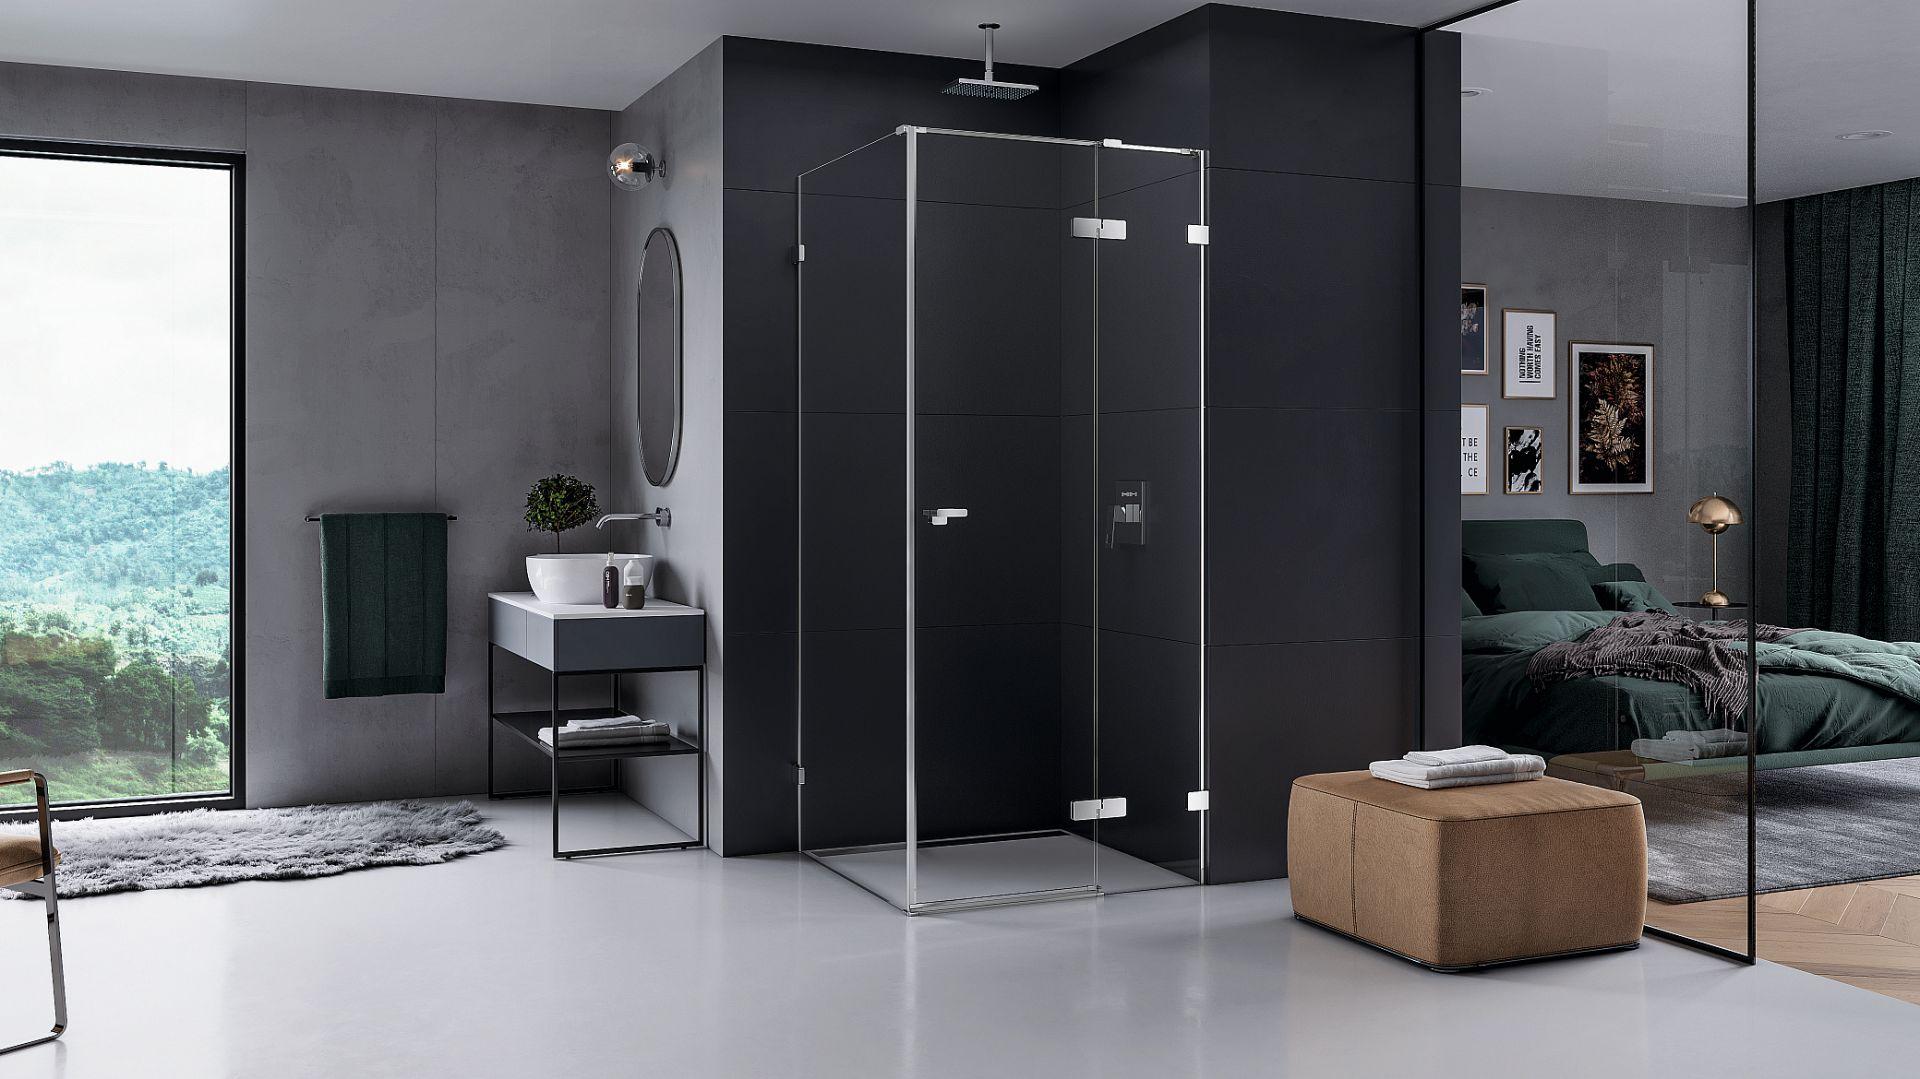 EVENTA – zaprojektowana przez Łukasza Paszkowskiego kabina narożna o wym. 90x90 cm łączy w sobie elegancki minimalizm z niezwykłym komfortem użytkowania. Fot. New Trendy